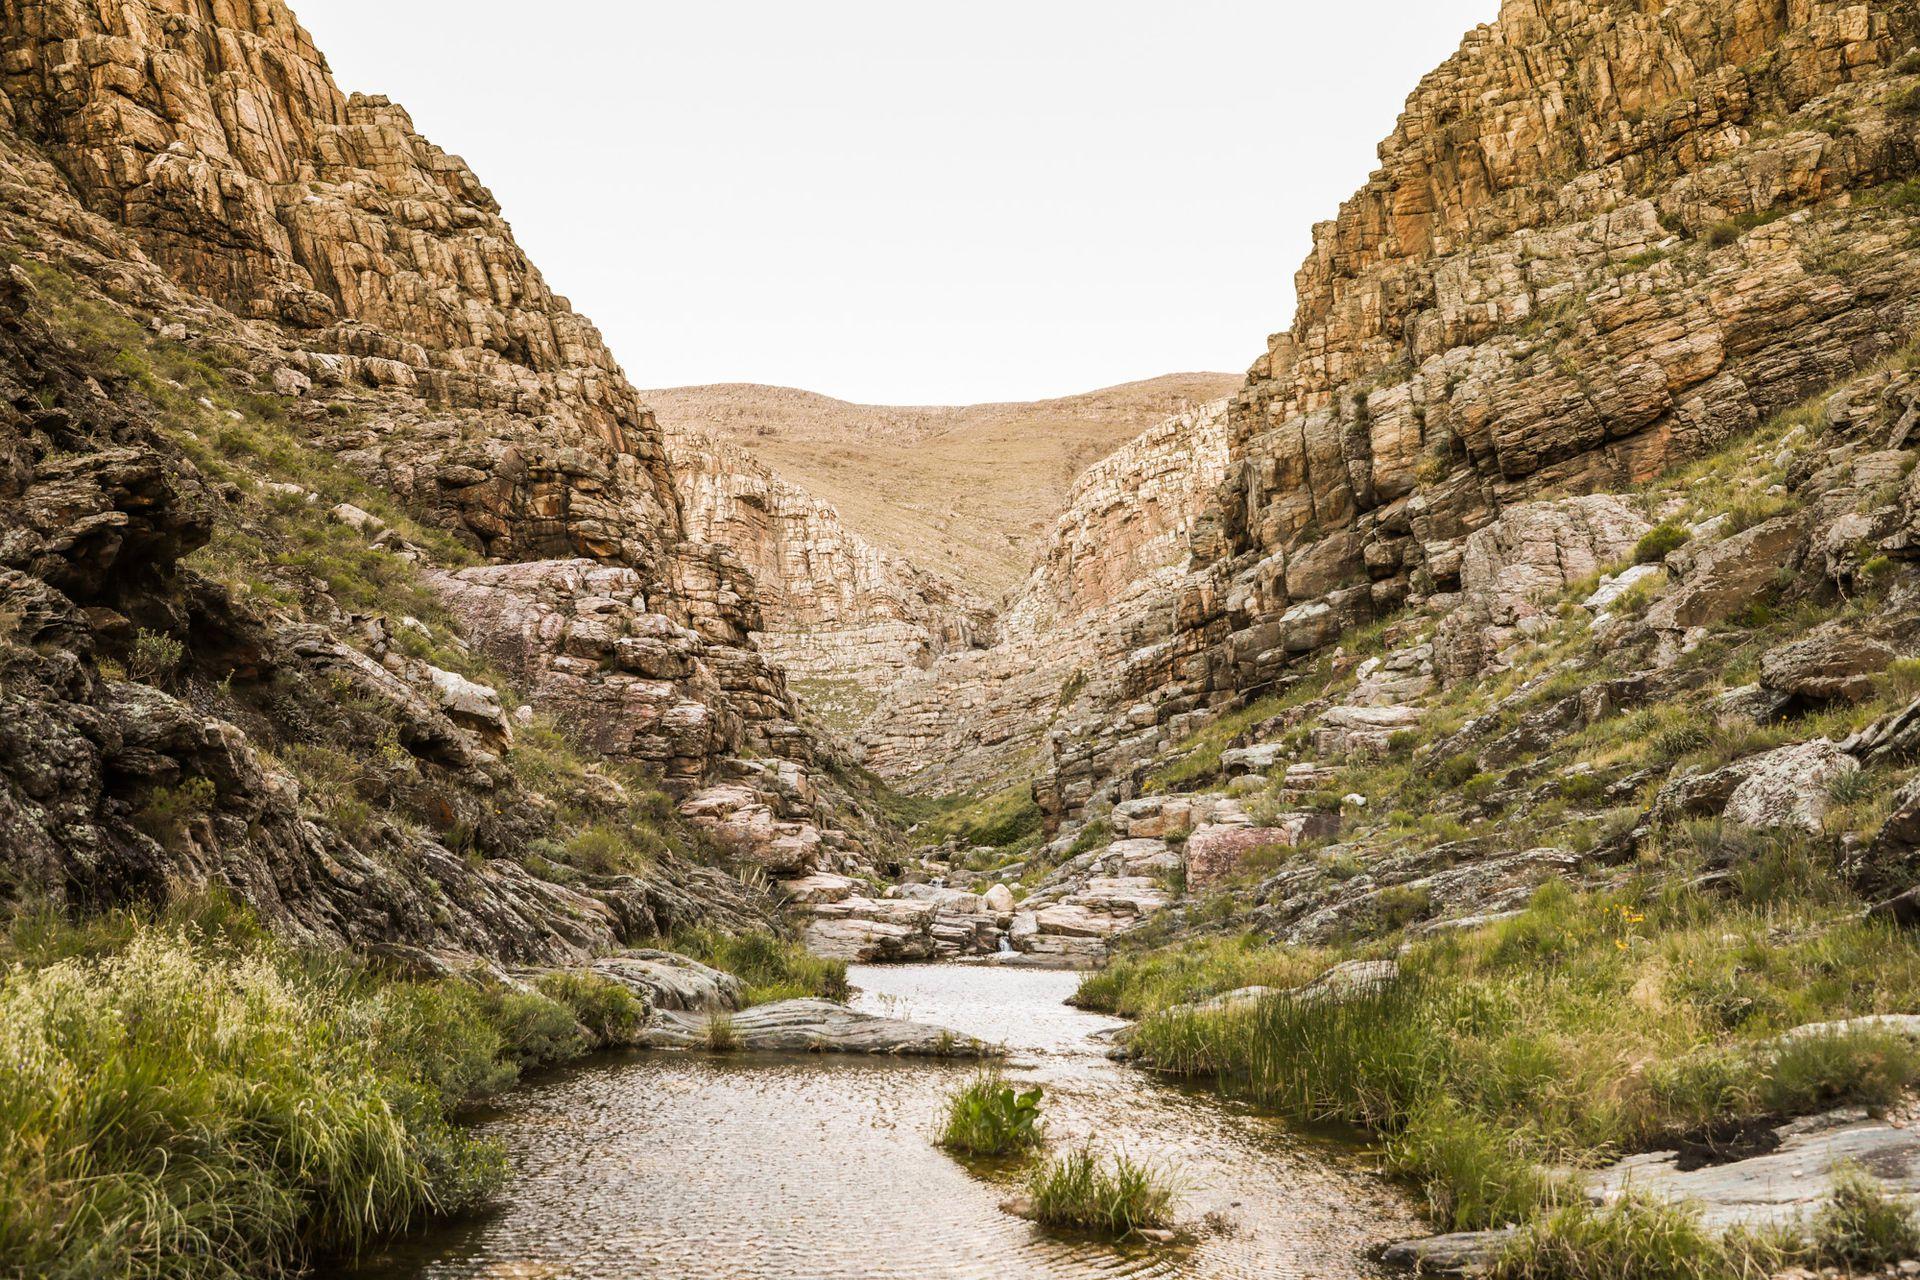 Sierras Grandes, nueva reserva privada en la Comarca de la Ventana - LA  NACION